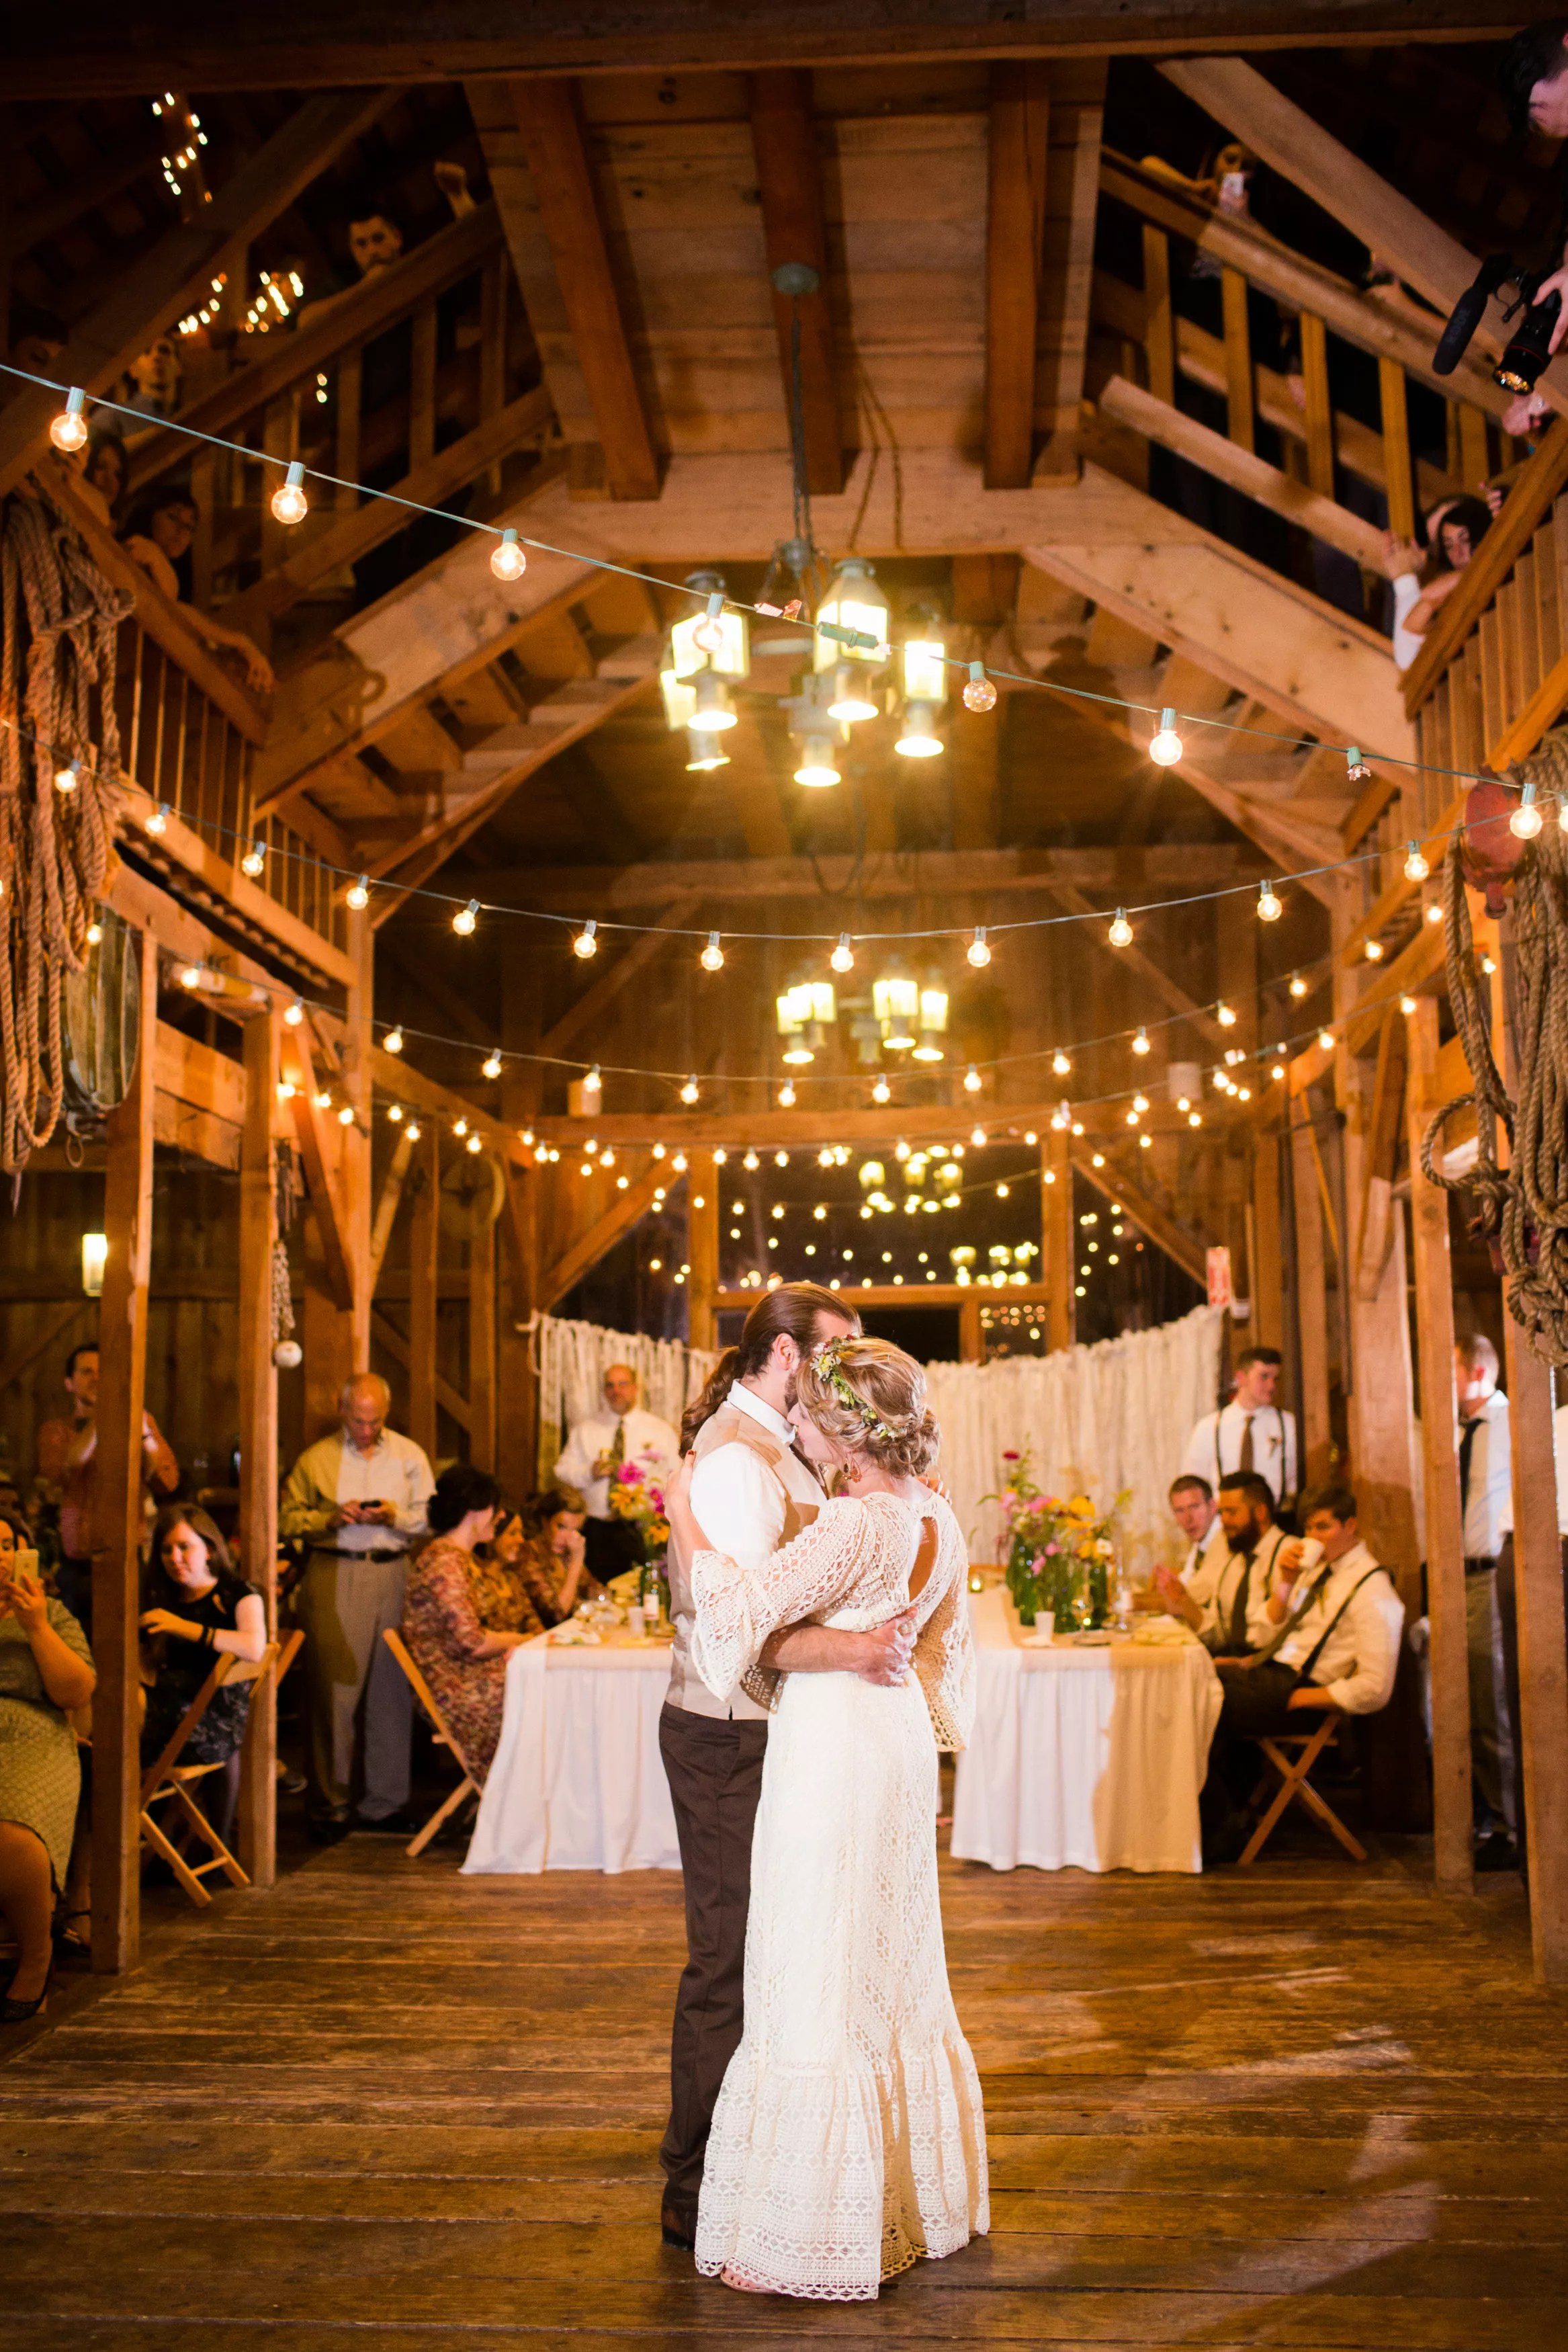 String Lights Over Wooden Dance Floor